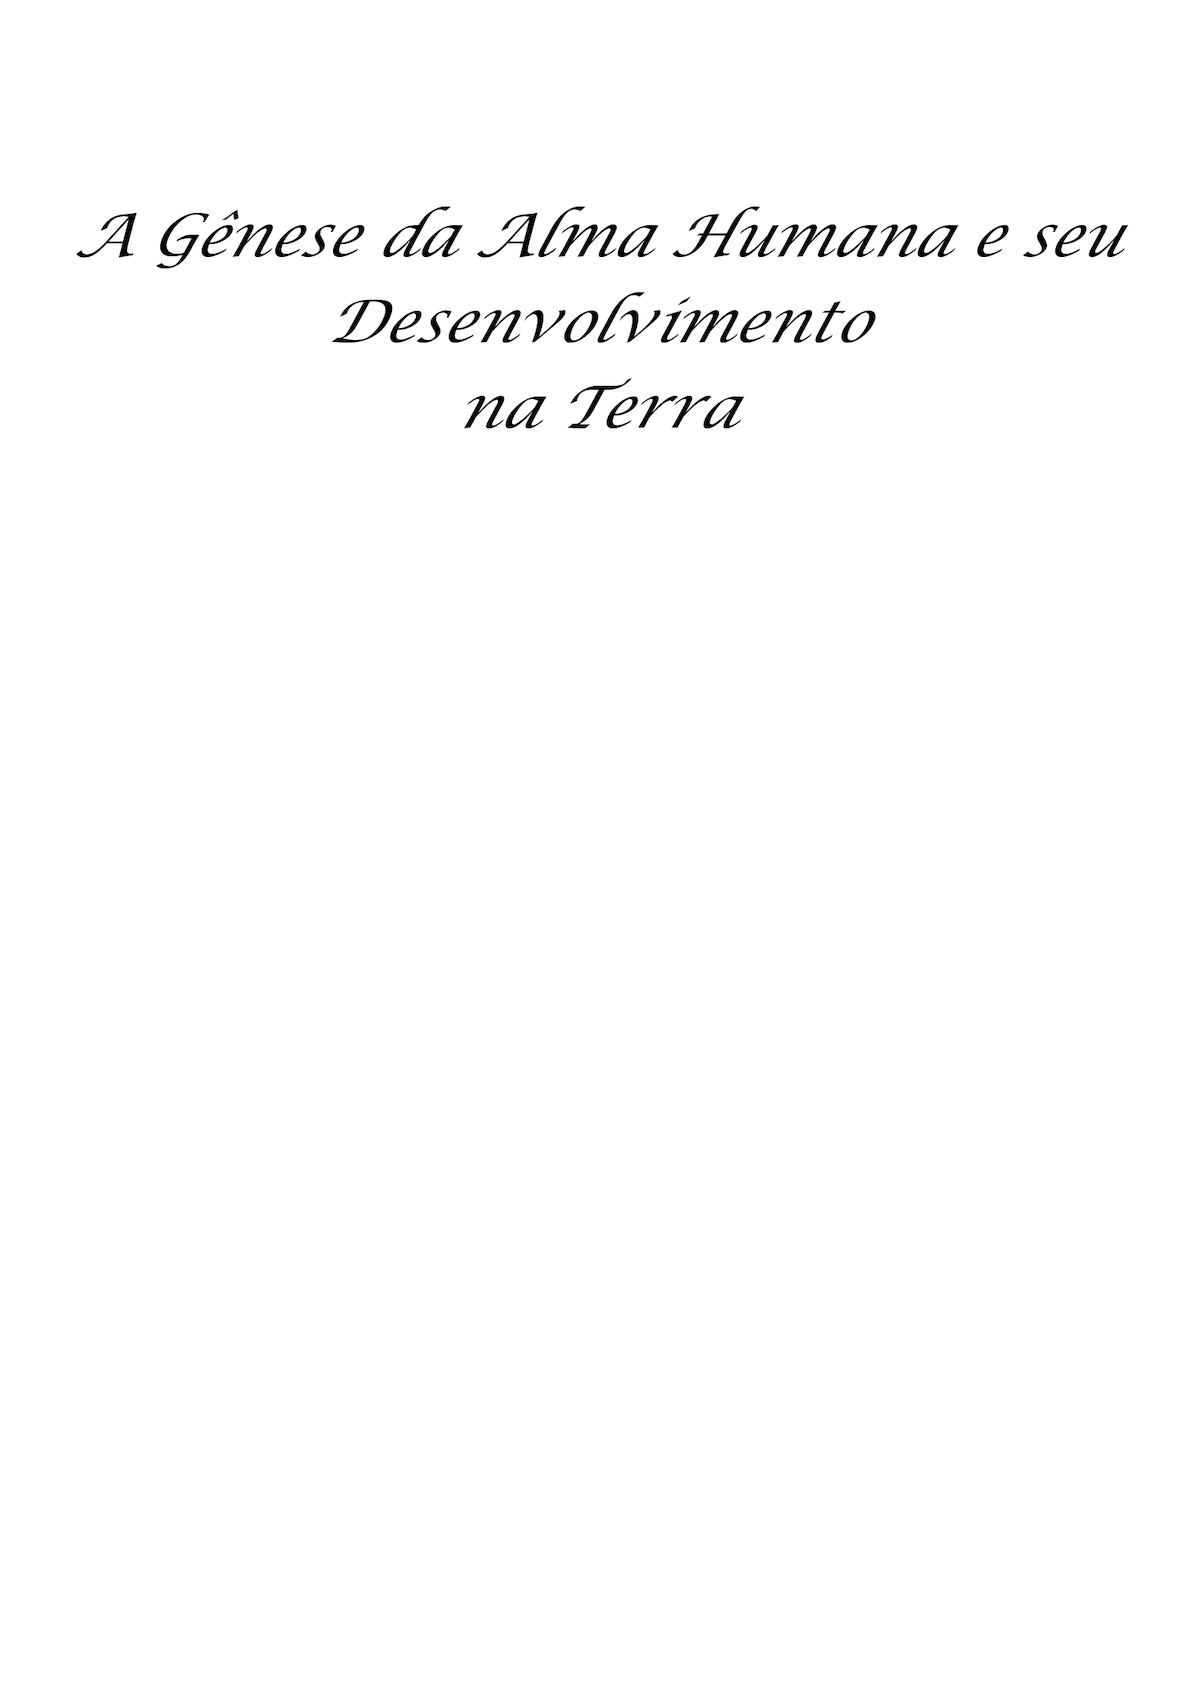 Calaméo - A Gênese Da Alma Humana E Seu Desenvolvimento (Word To Pdf) 830b7dd1c737f